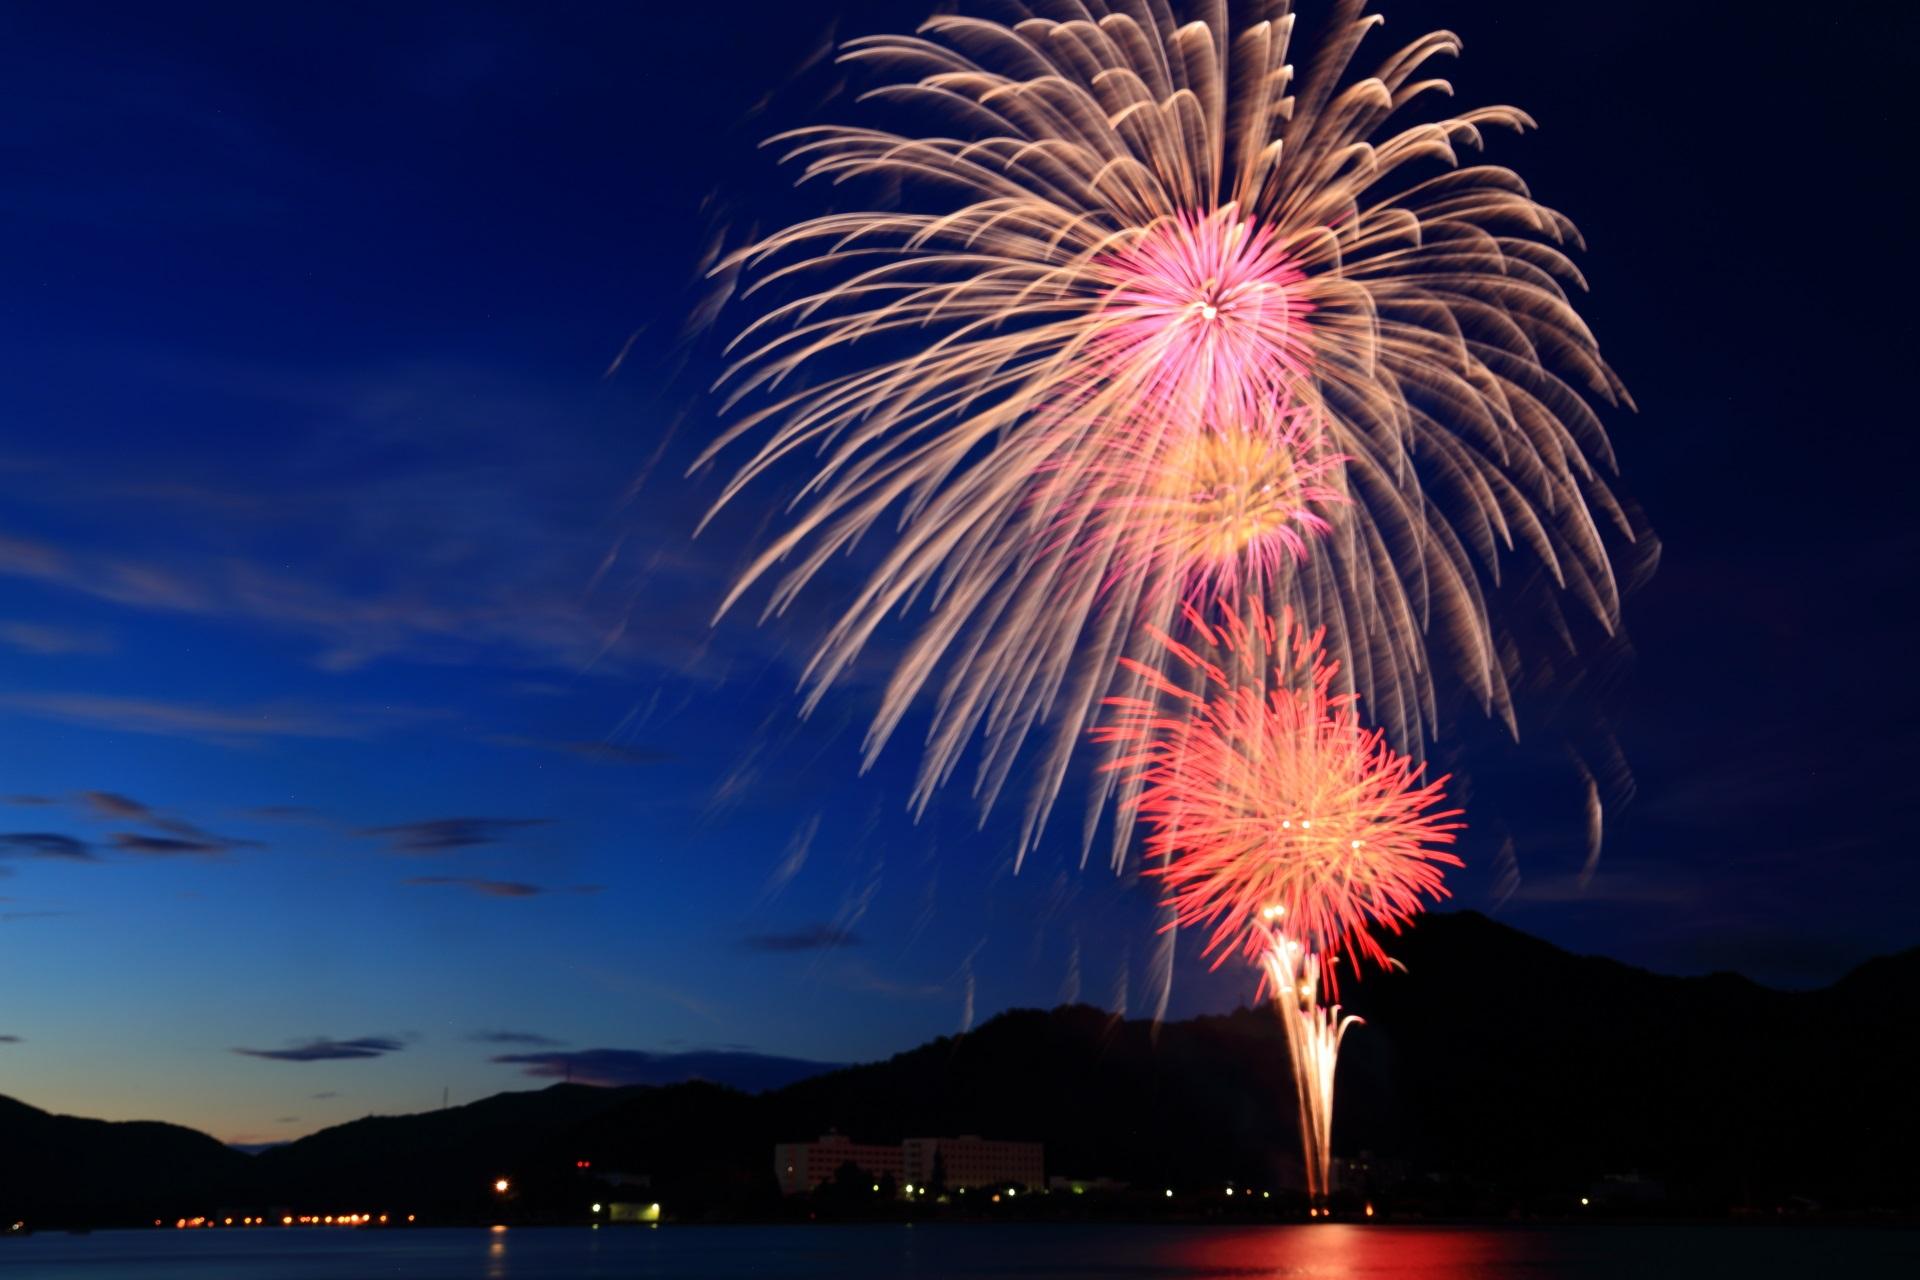 紺色の夜空から降り注ぐ金色の見事な舞鶴の花火